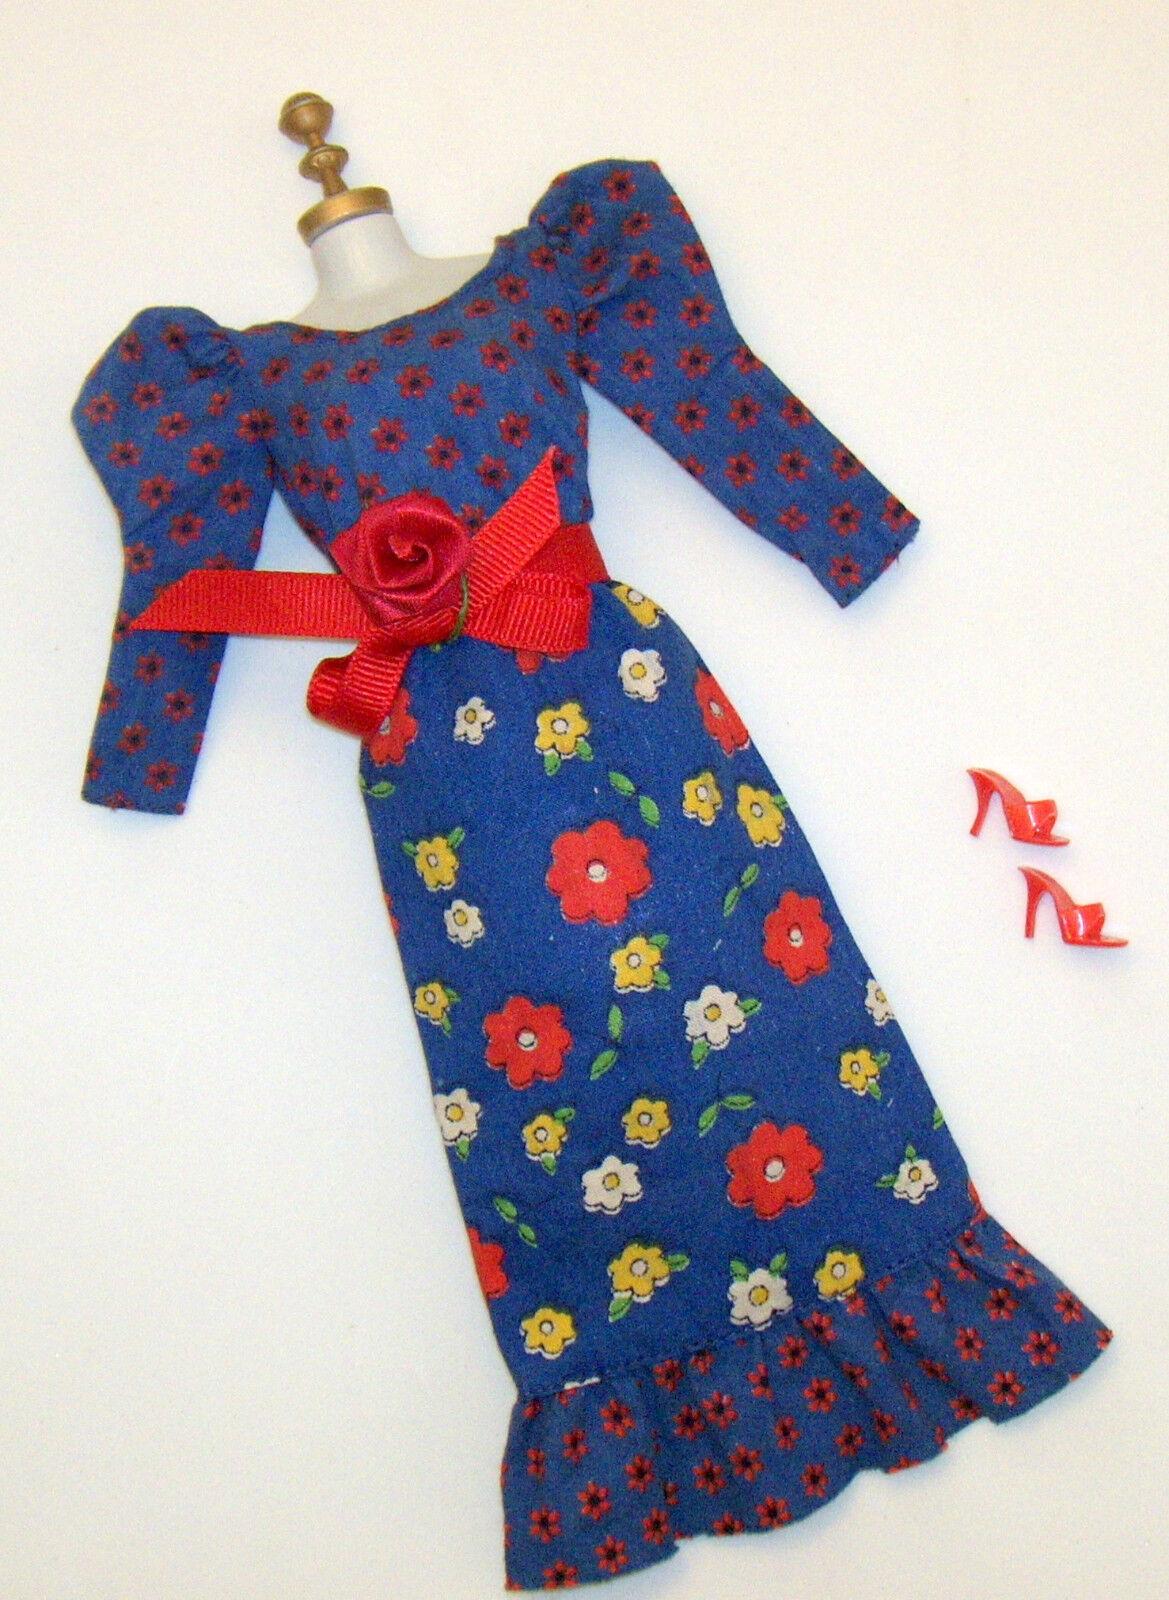 Vintage Barbie-Puppe Blaues Muster Bauer Midi Kleid  3343 Best Buy 1973 Rote